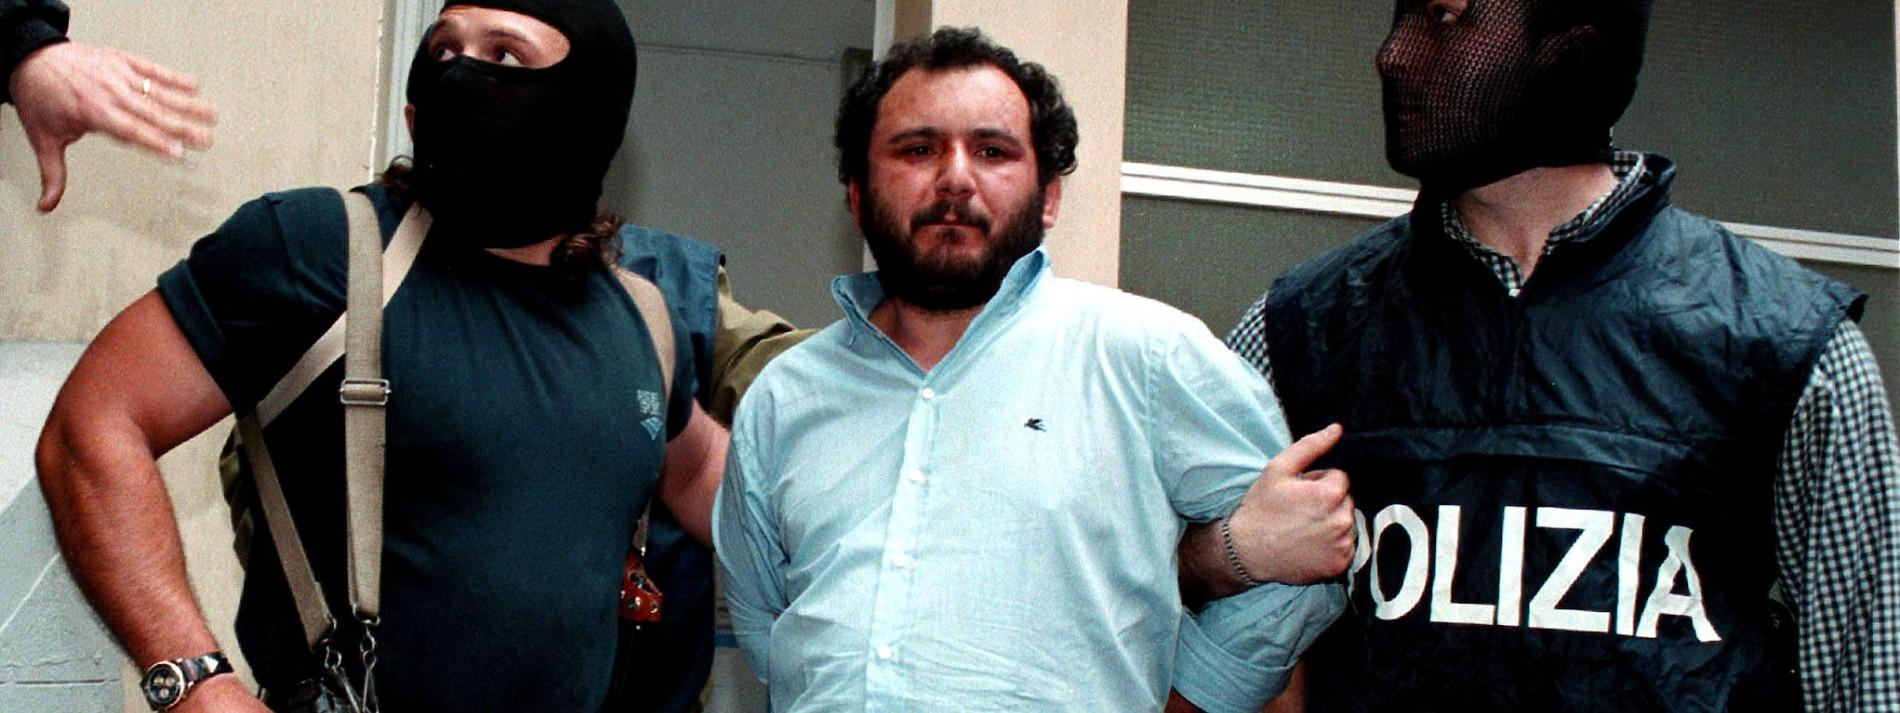 Mafia-Boss nach 25 Jahren aus der Haft entlassen